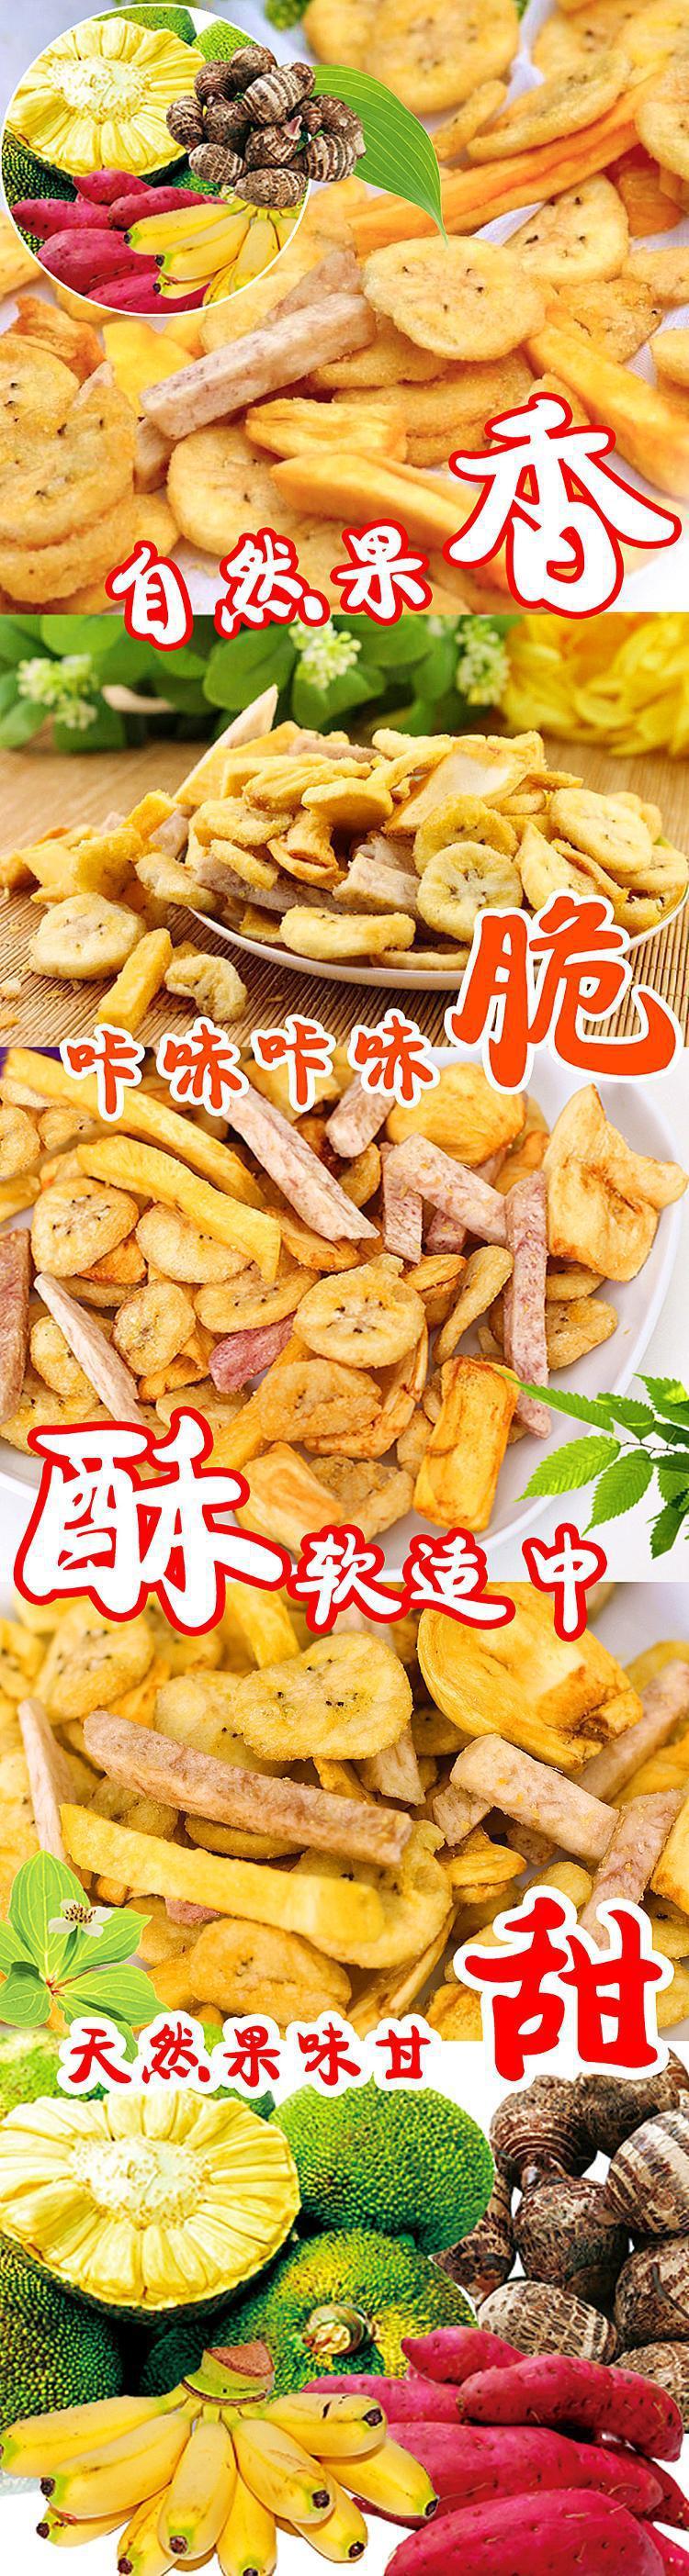 越南进口中越泰综合蔬果干200g图片09